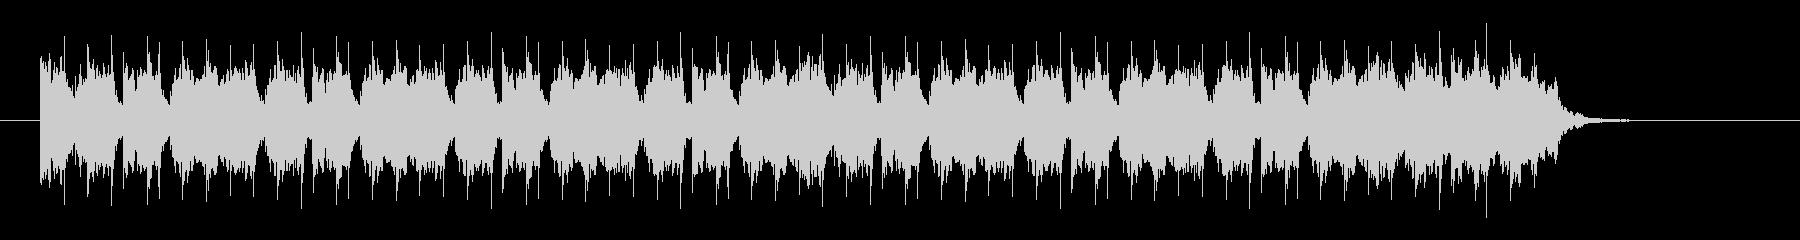 クイーカ(ウホウホ)陽気なラテン サビの未再生の波形